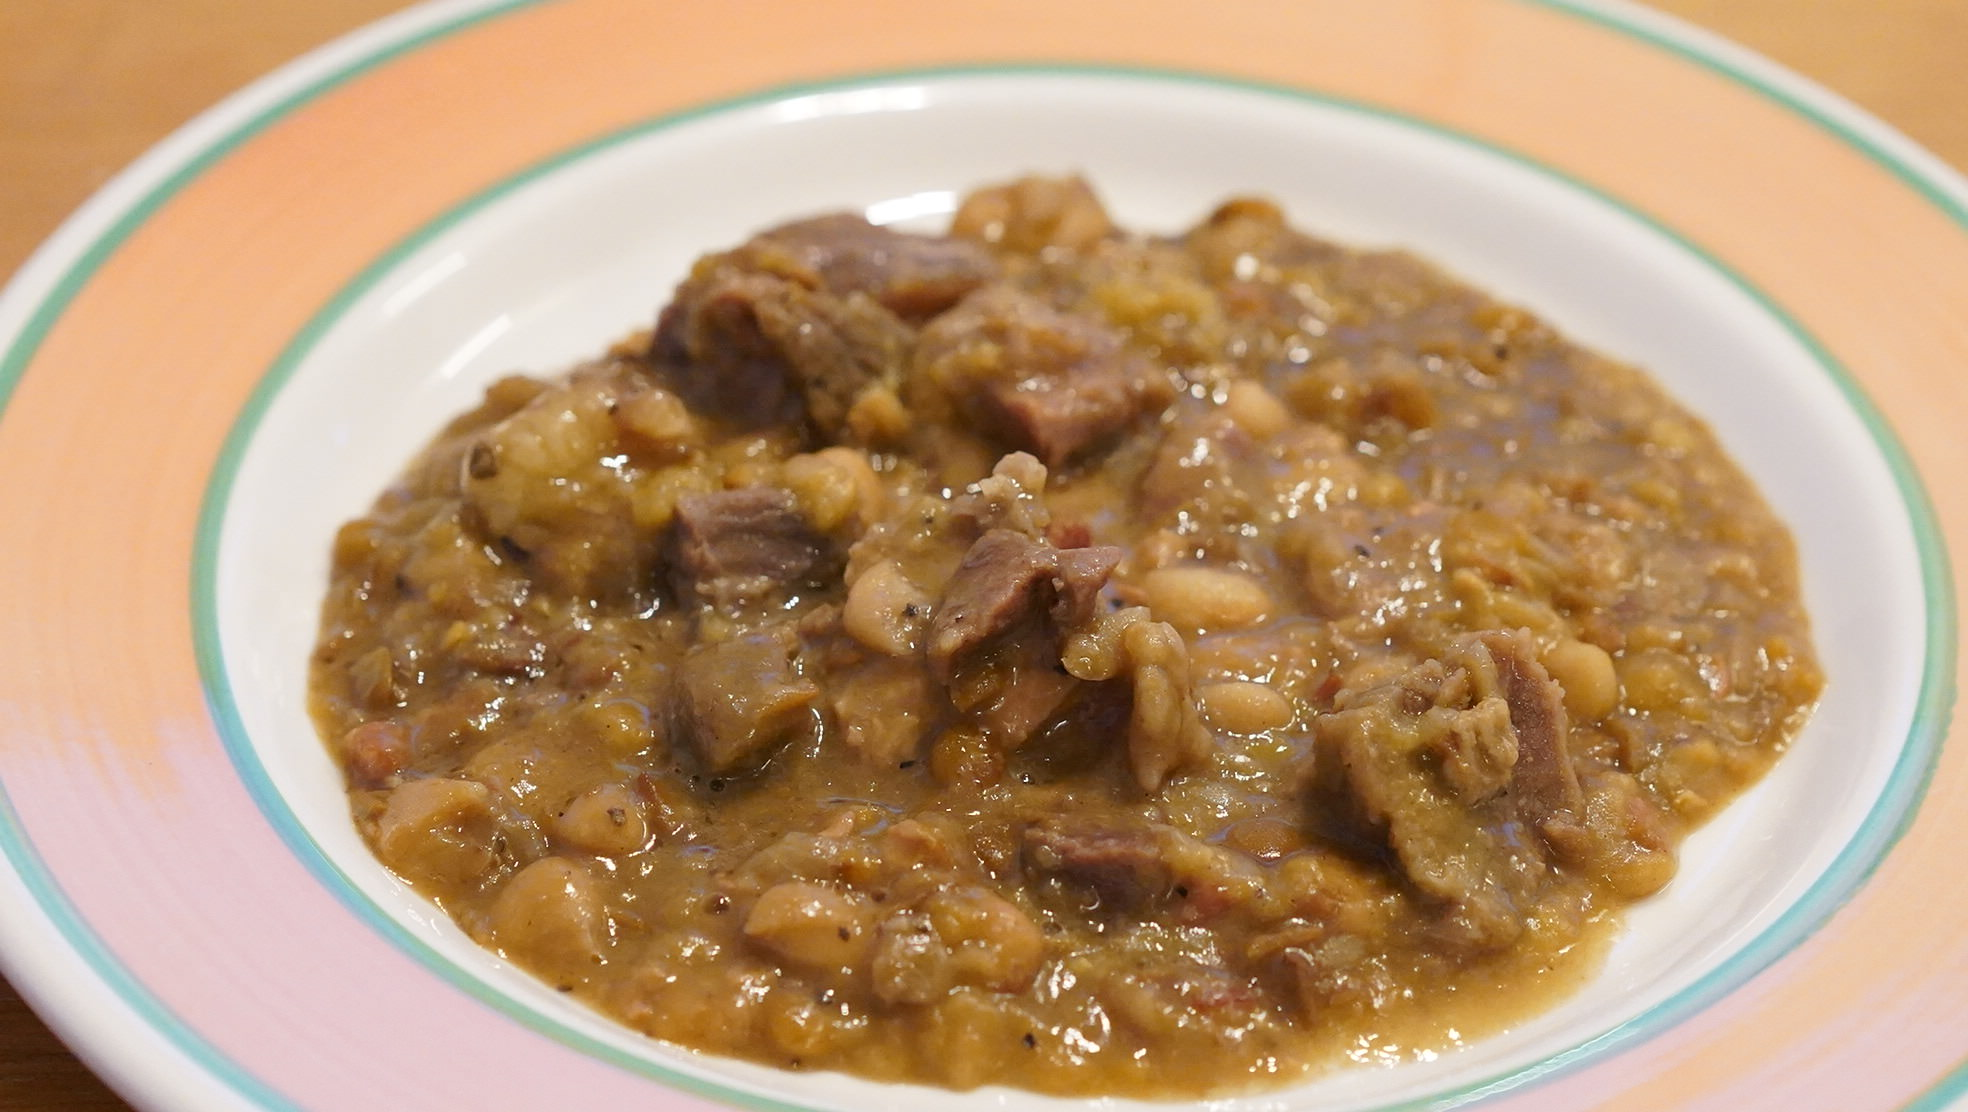 無印良品のおすすめ冷凍食品「カスレ(フランス風牛肉と豆の煮込み)」の写真